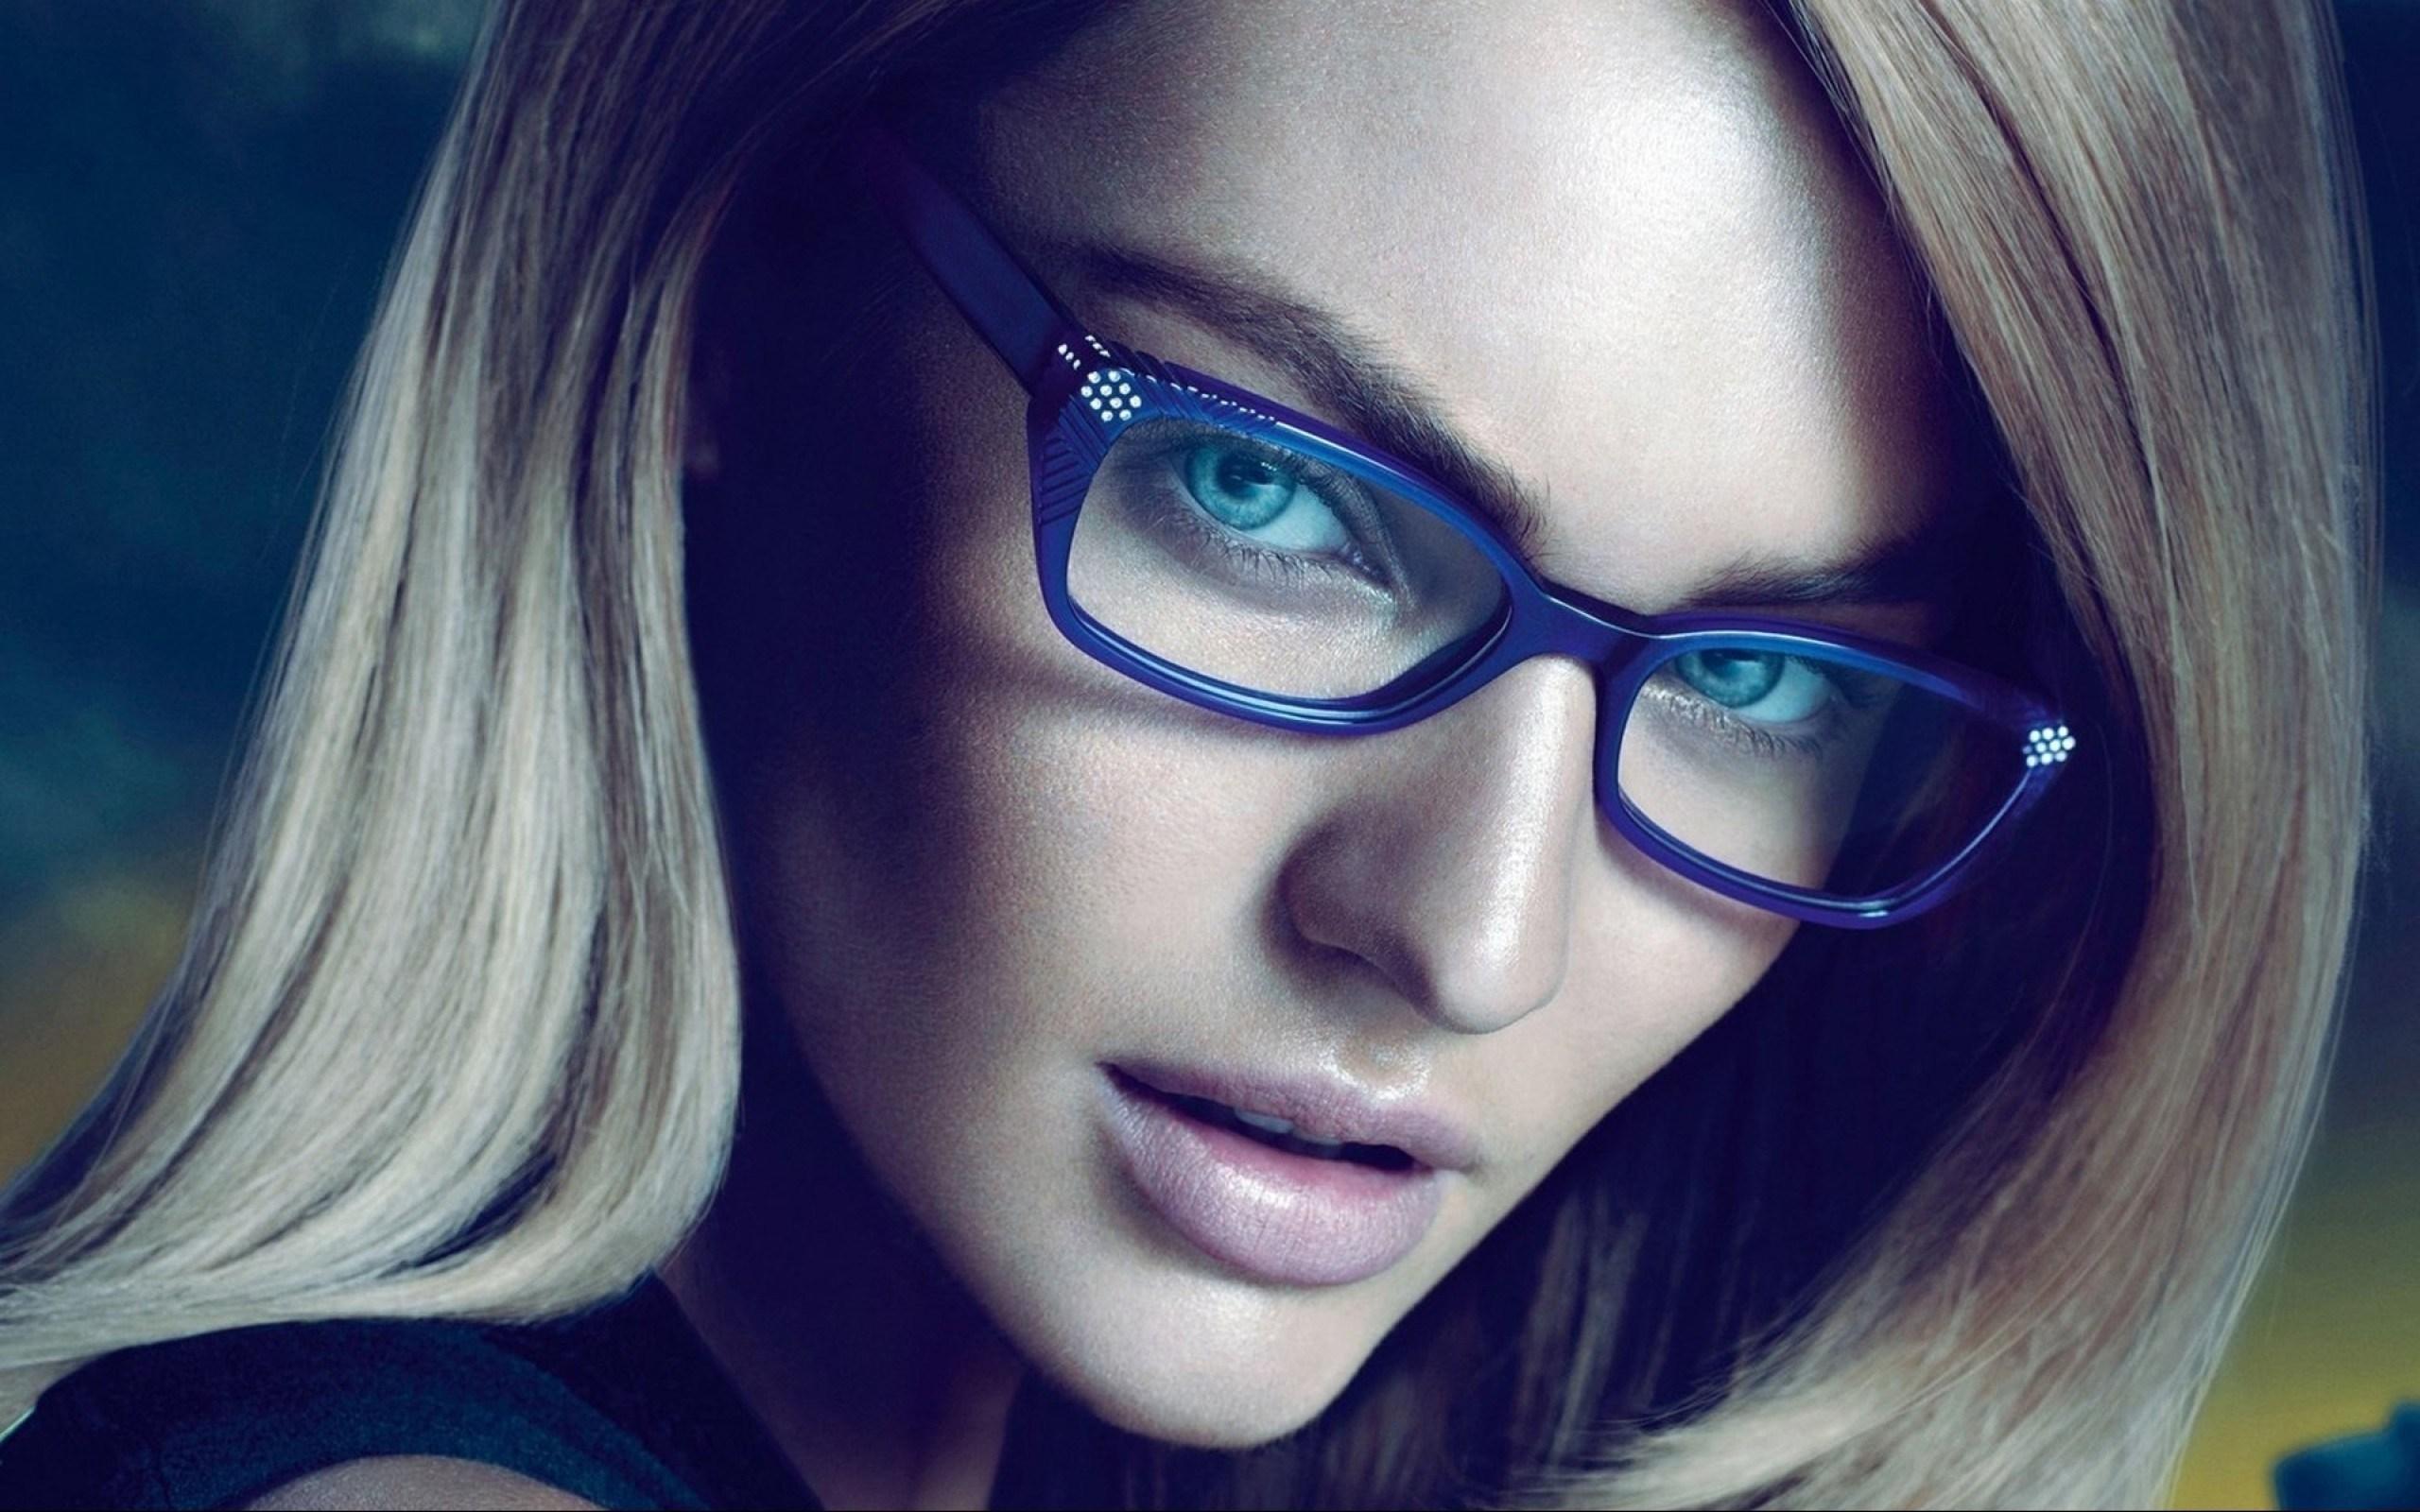 Girl Glasses Wallpaper